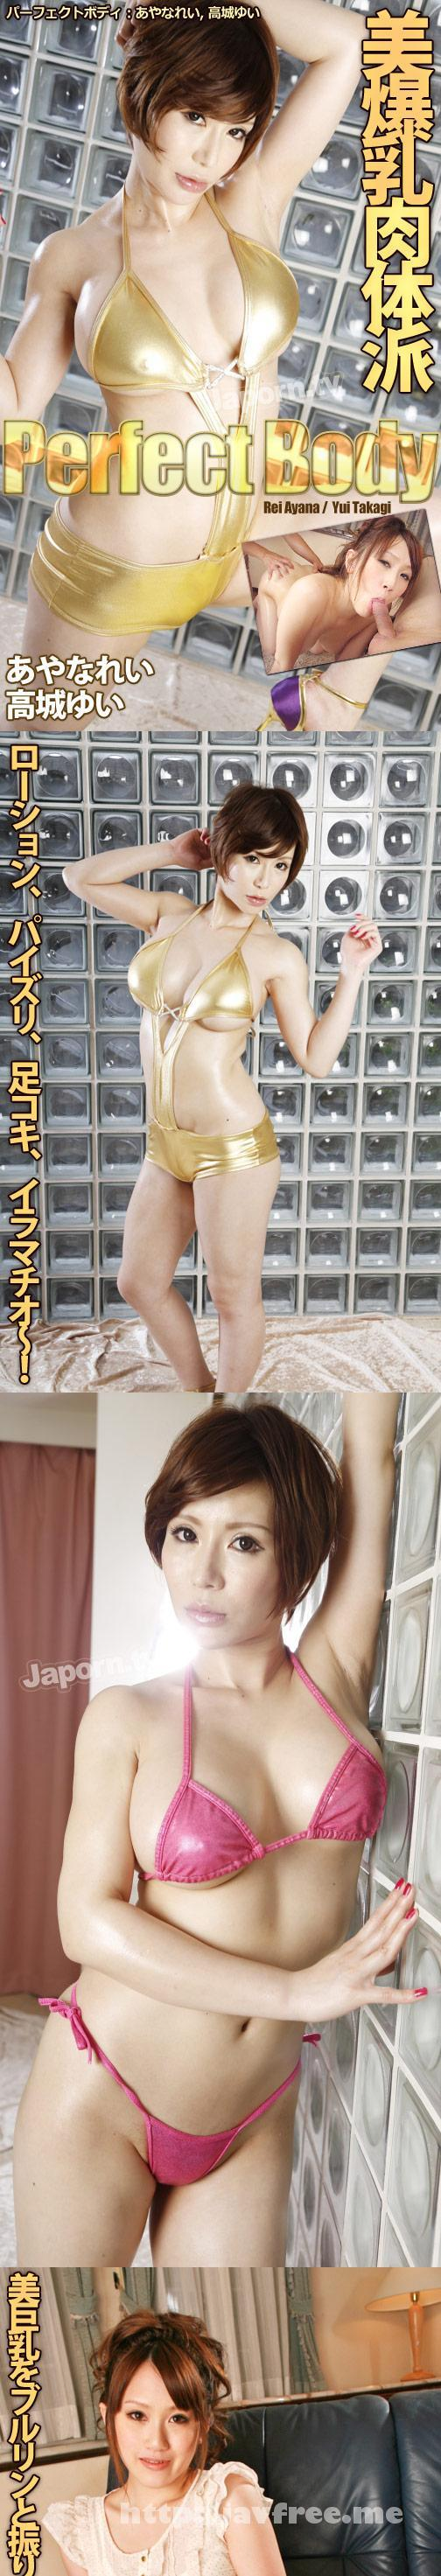 [PT 150] パーフェクトボディ : あやなれい, 高城ゆい 高城ゆい あやなれい Yui Takashiro Rei Ayana PT